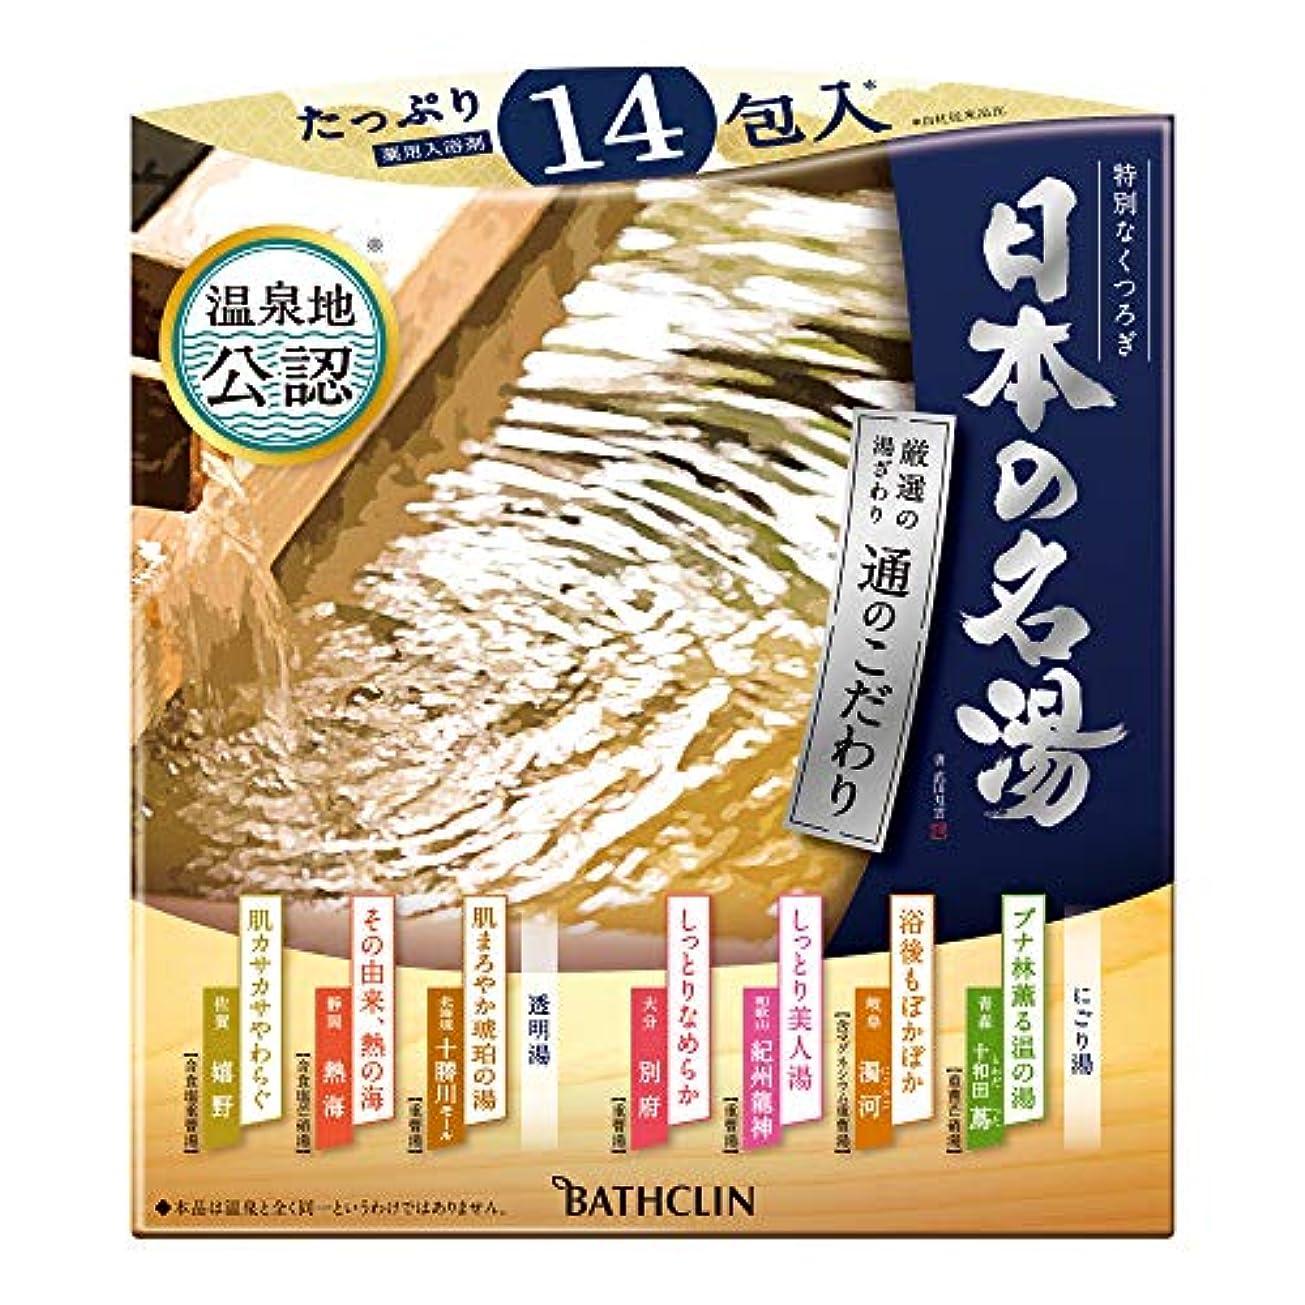 ビームレンディションシャッフル日本の名湯 通のこだわり 入浴剤 色と香りで情緒を表現した温泉タイプ入浴剤 セット 30g×14包